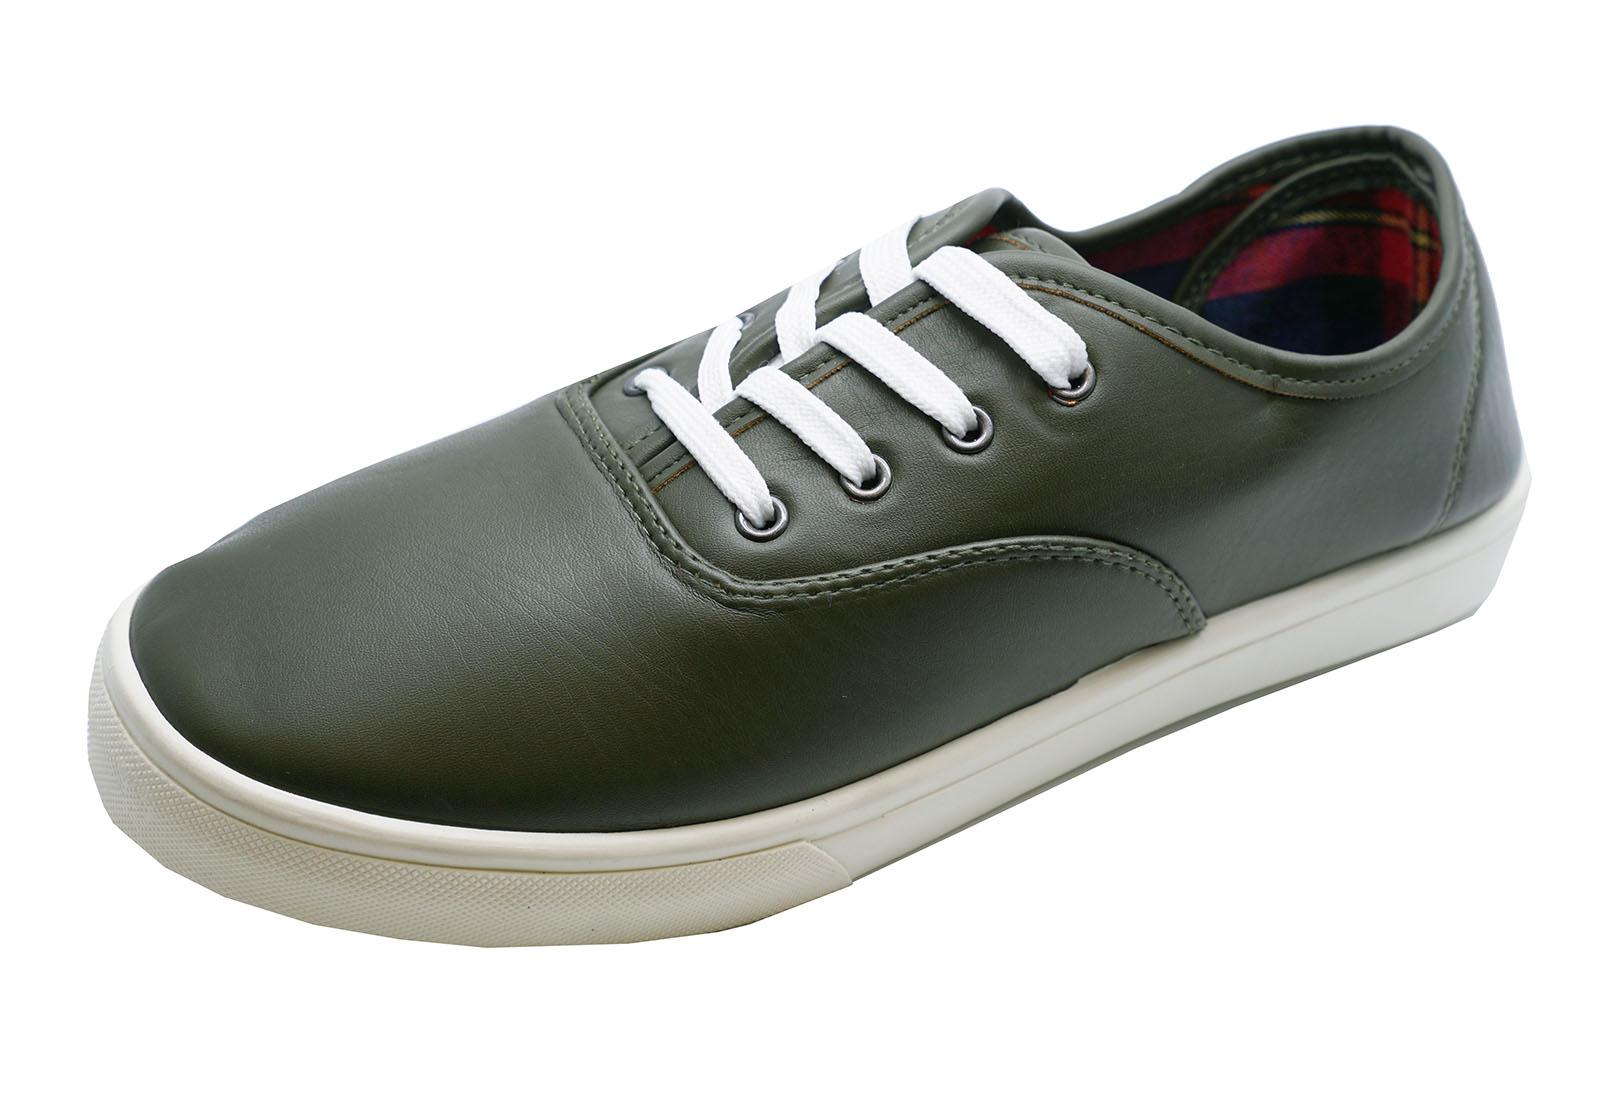 Hombre-Caqui-Planos-Casual-Con-Cordones-Zapatillas-De-Lona-Zapatos-Comodos-GB